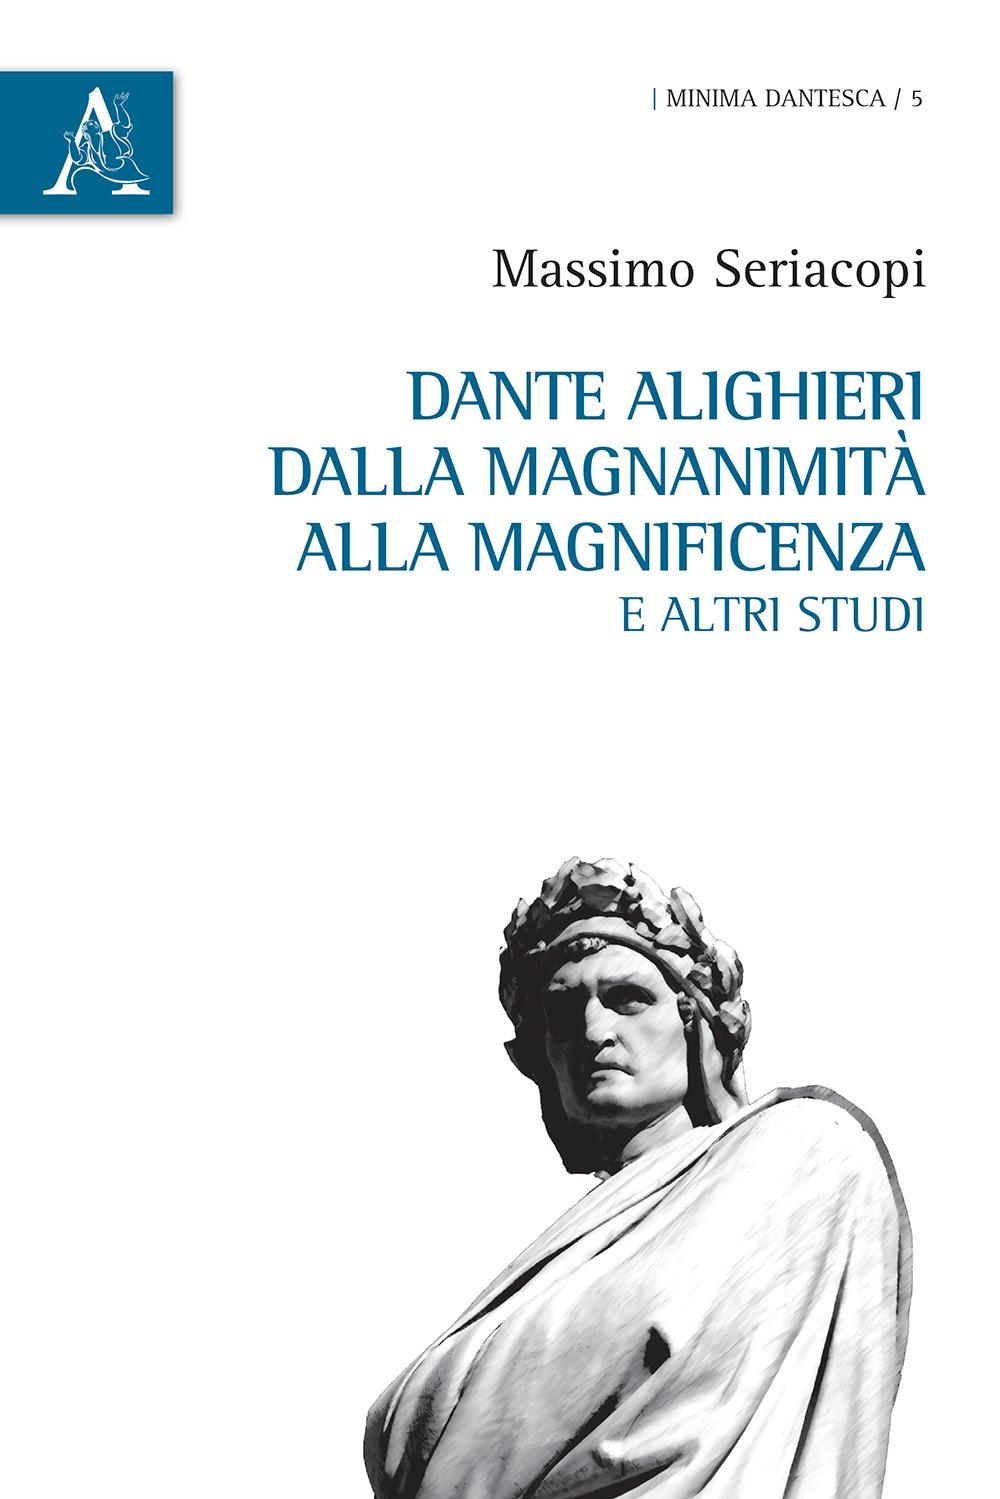 Dante Alighieri dalla magnanimità alla magnificenza e altri studi